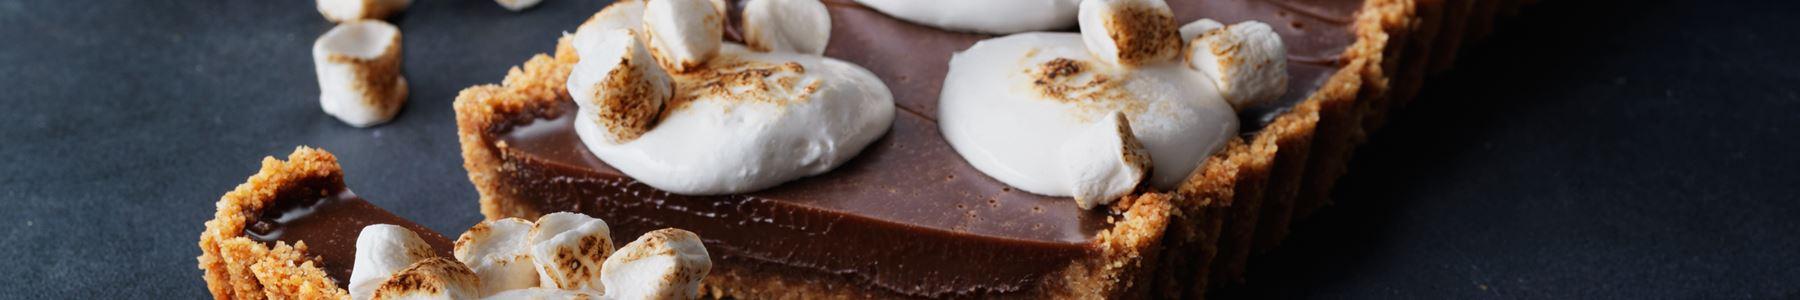 Marshmallow + Nyår + Efterrätt